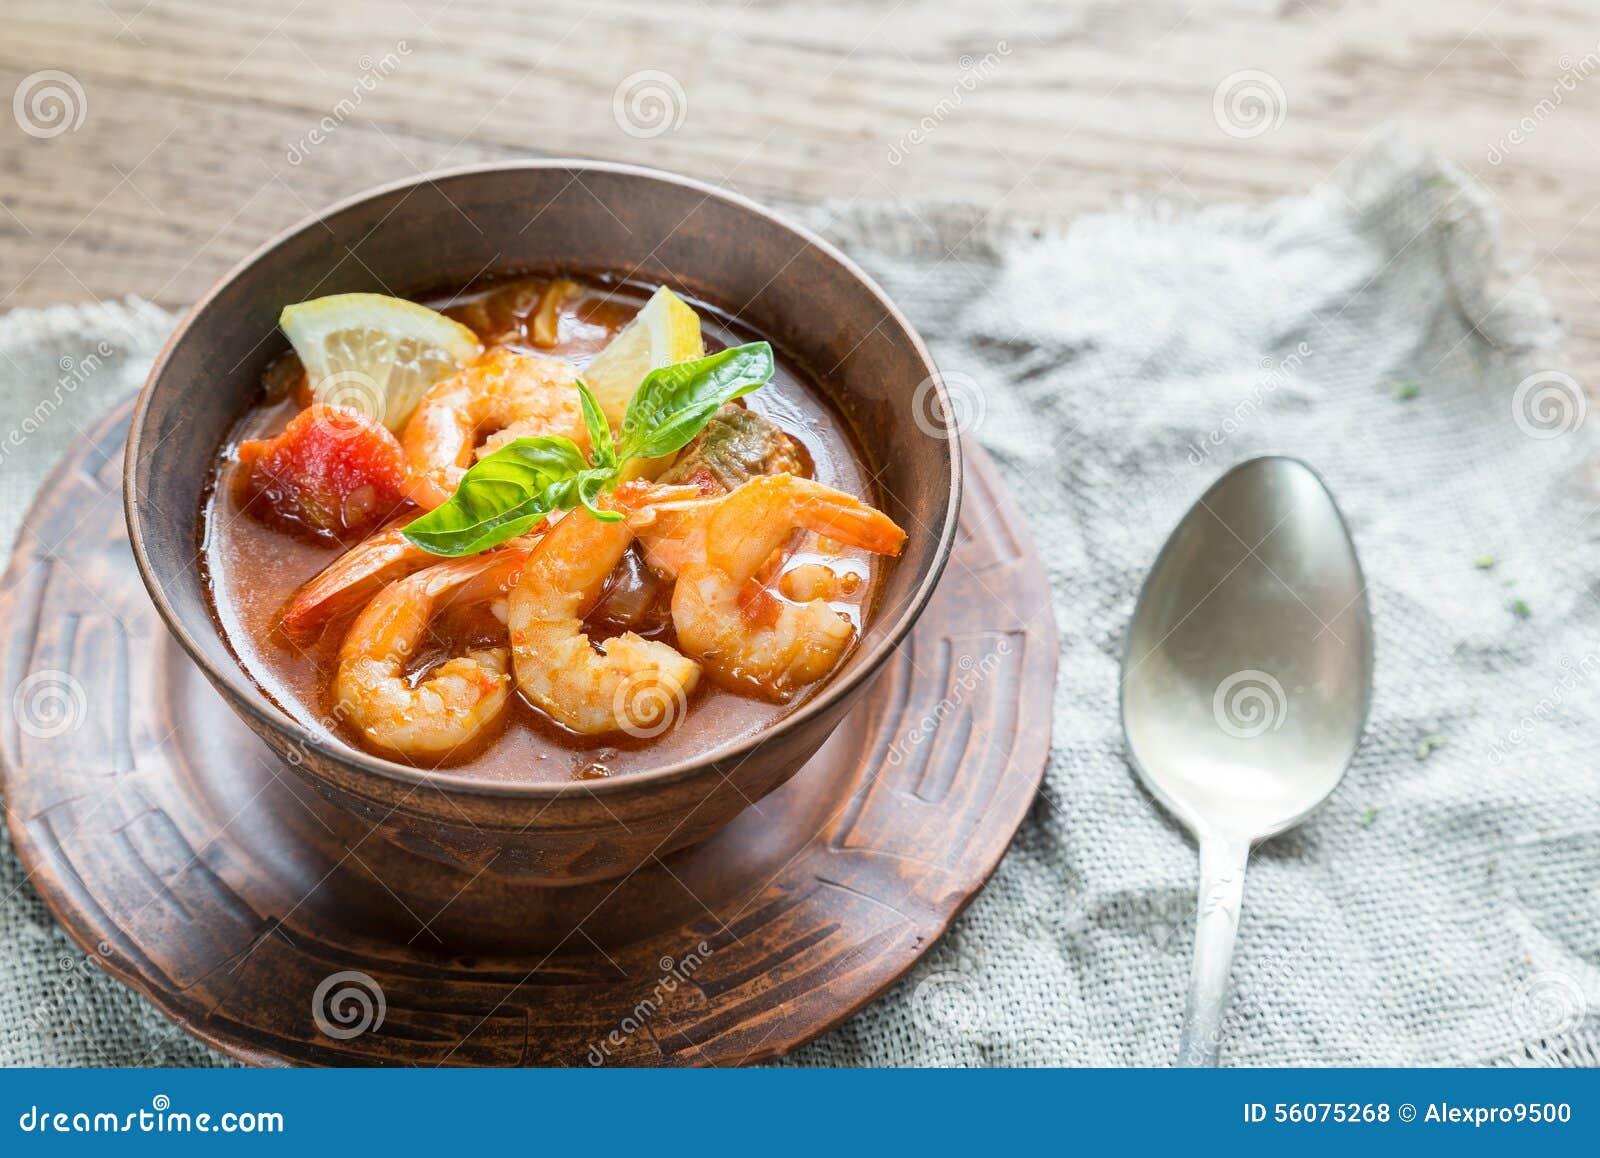 Sopa francesa picante con los mariscos foto de archivo for Tapas francesas